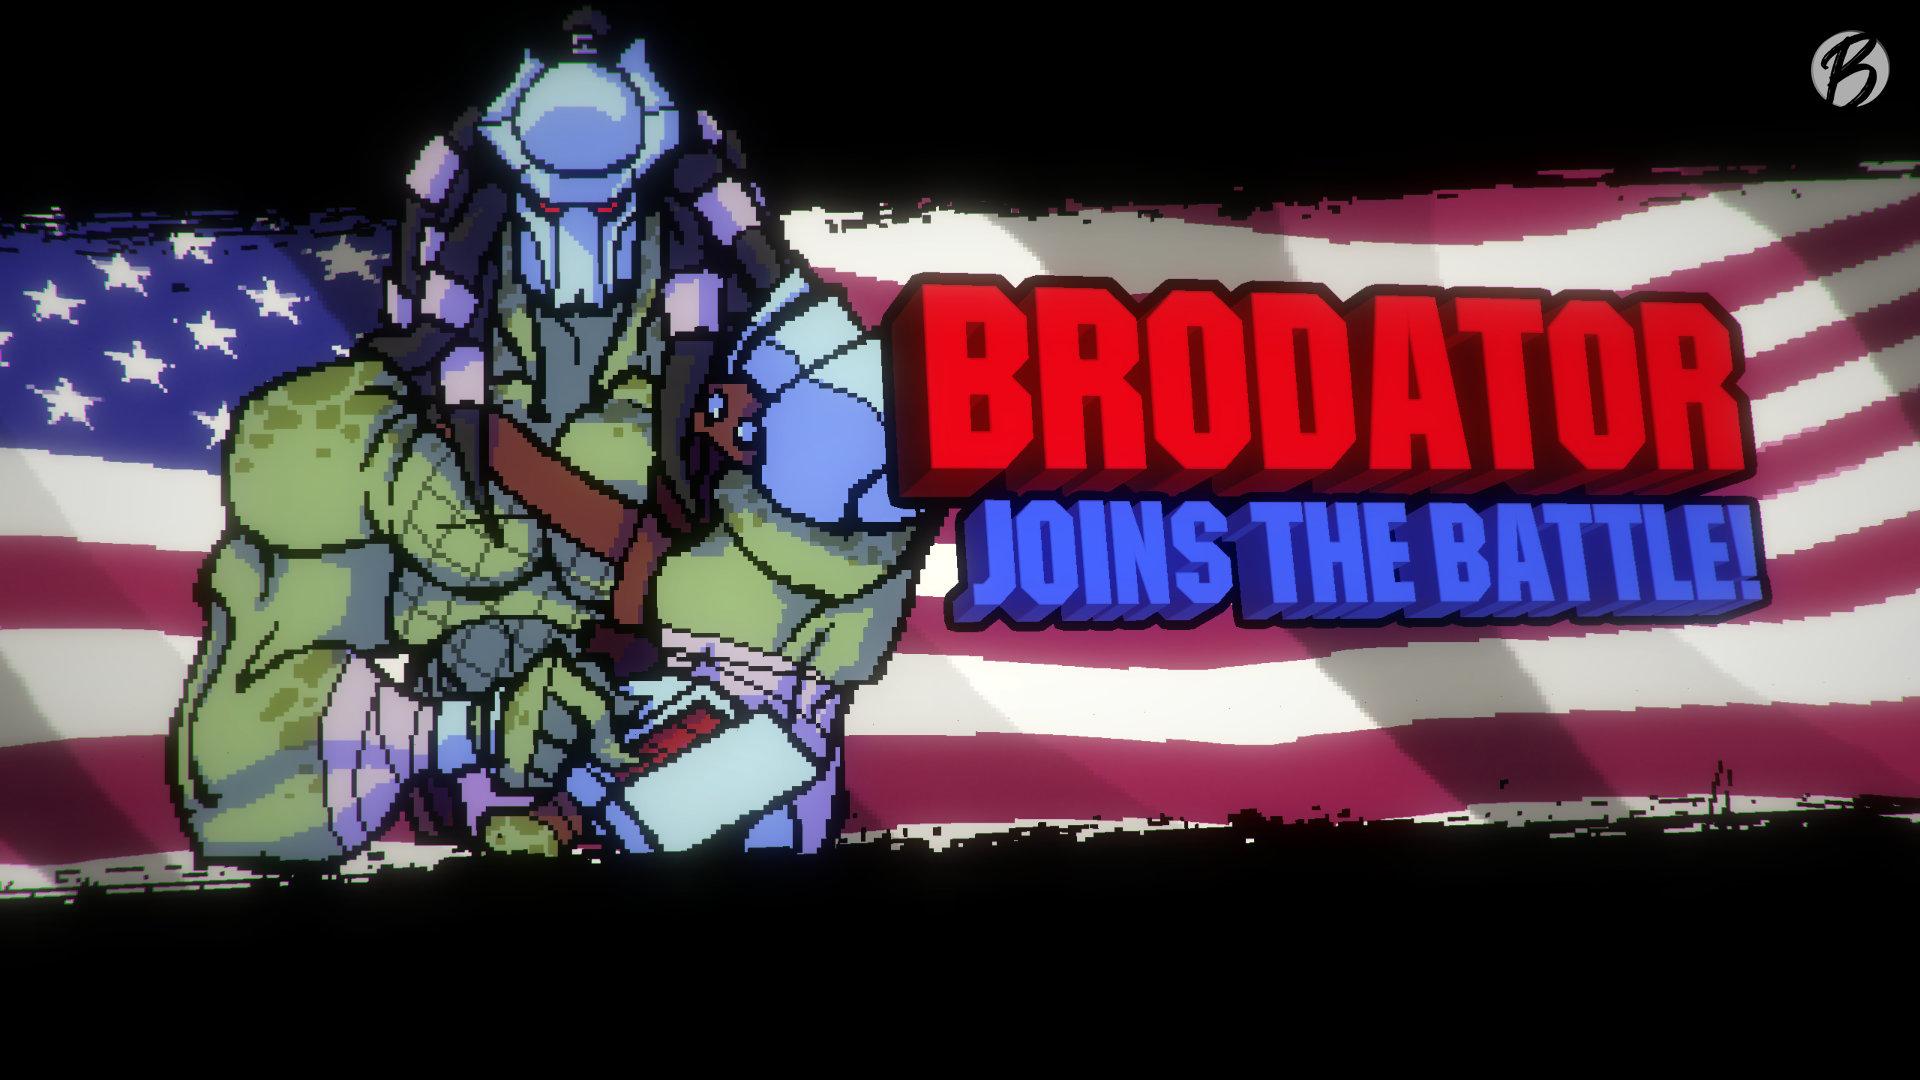 Broforce - Die Charaktere sind super ausgearbeitet.